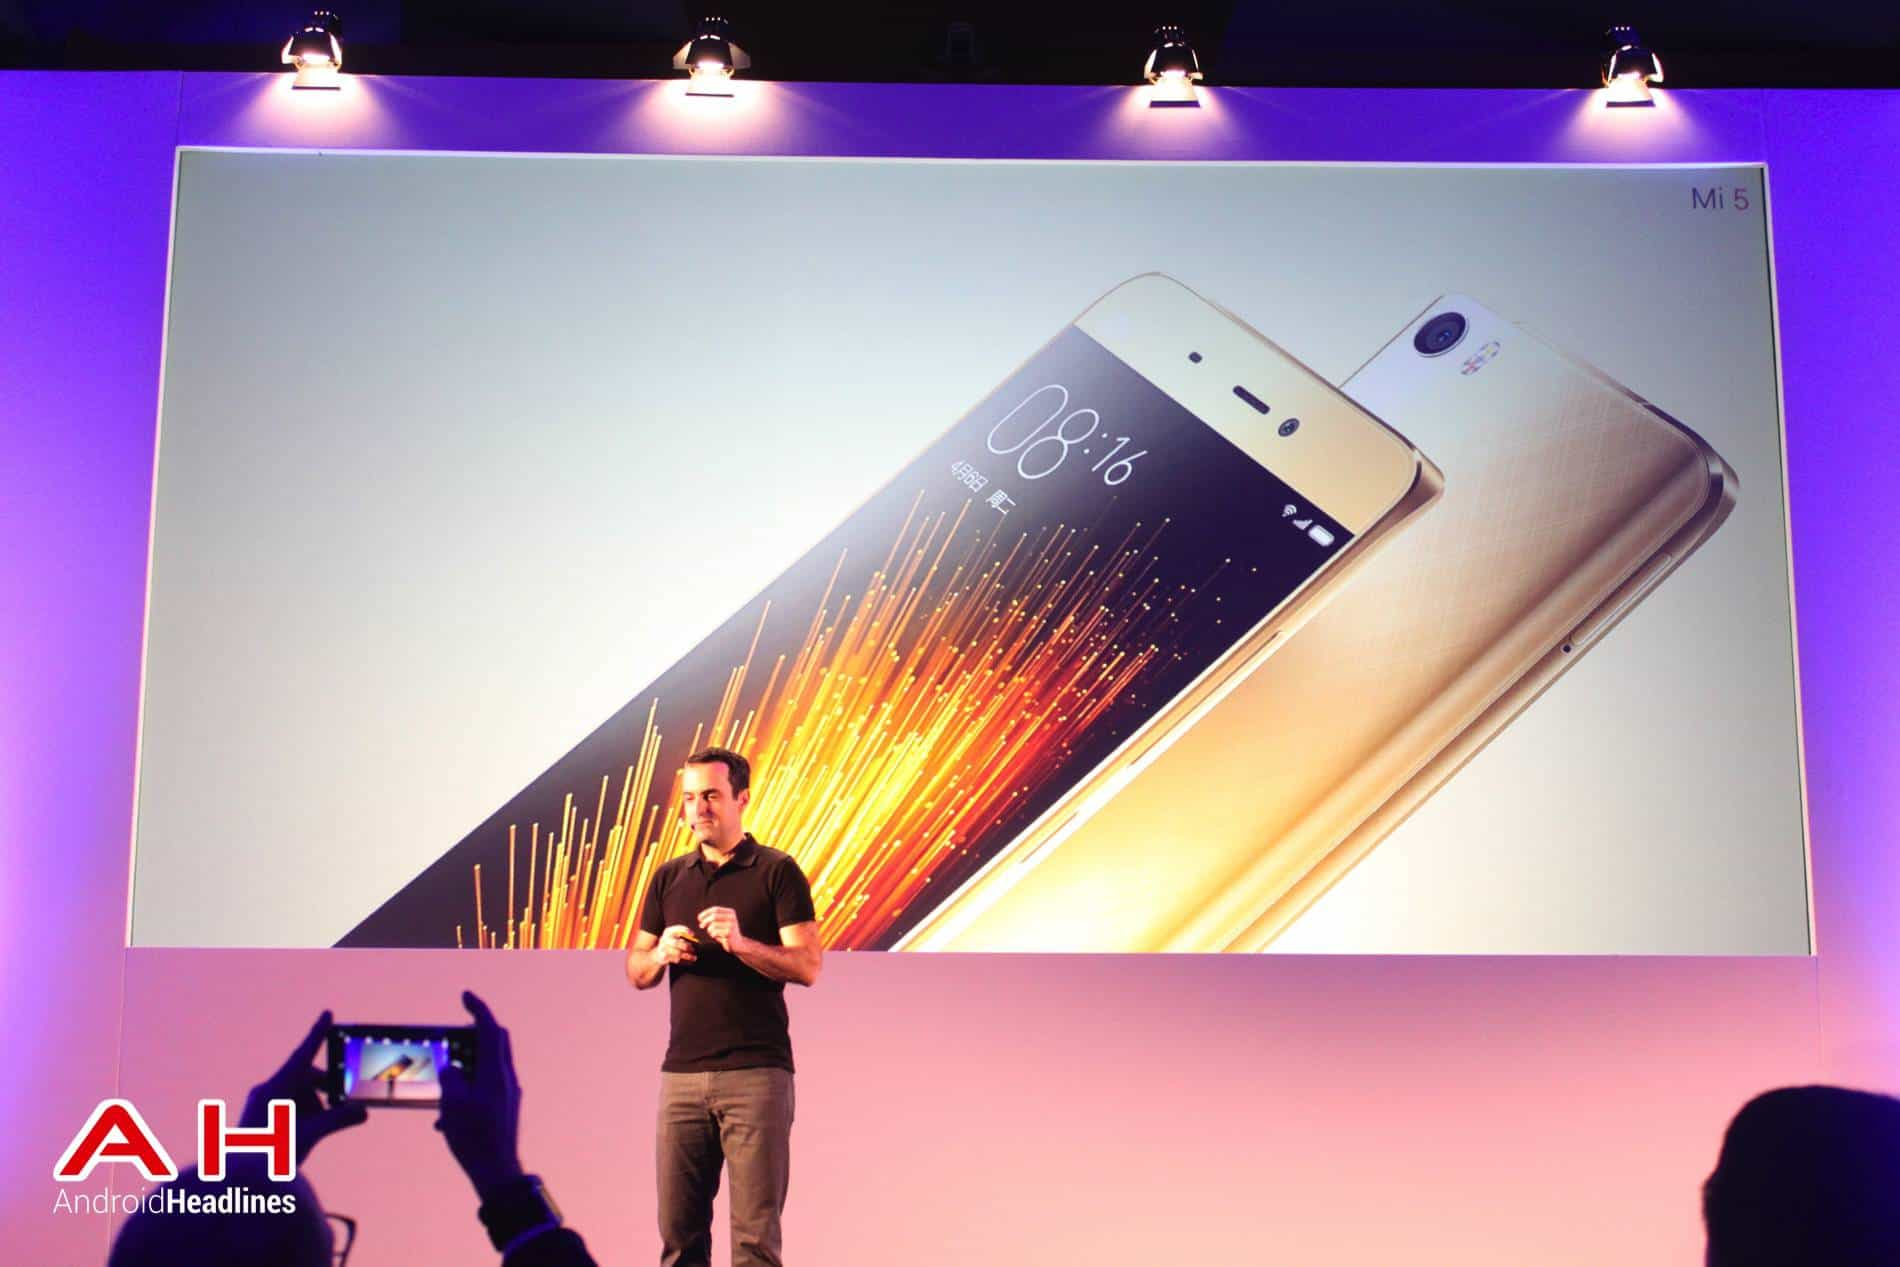 Xiaomi Mi 5 MWC AH 08